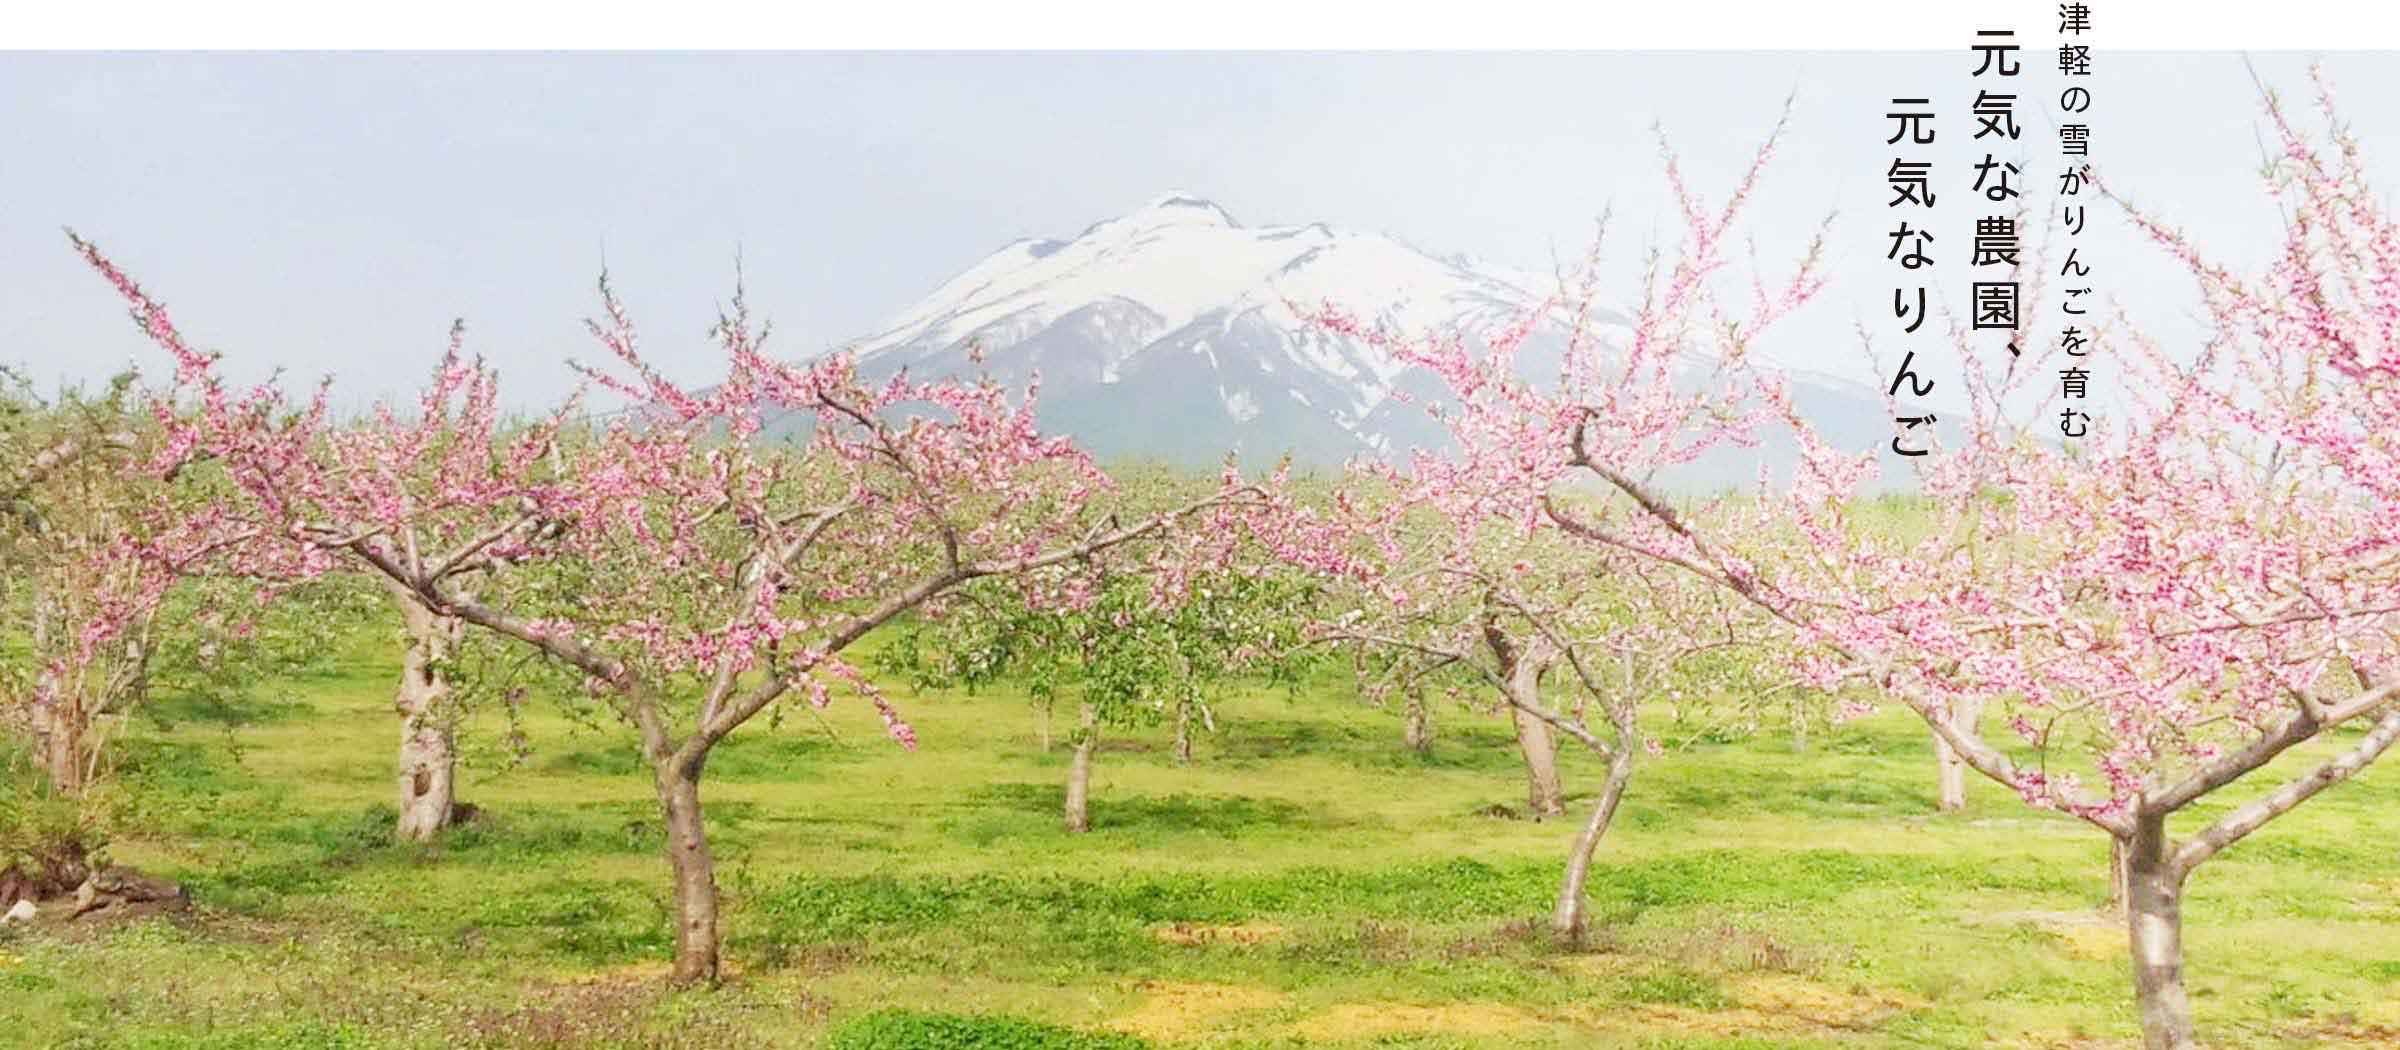 津軽の雪がりんごを育む 元気な農園、元気なりんご